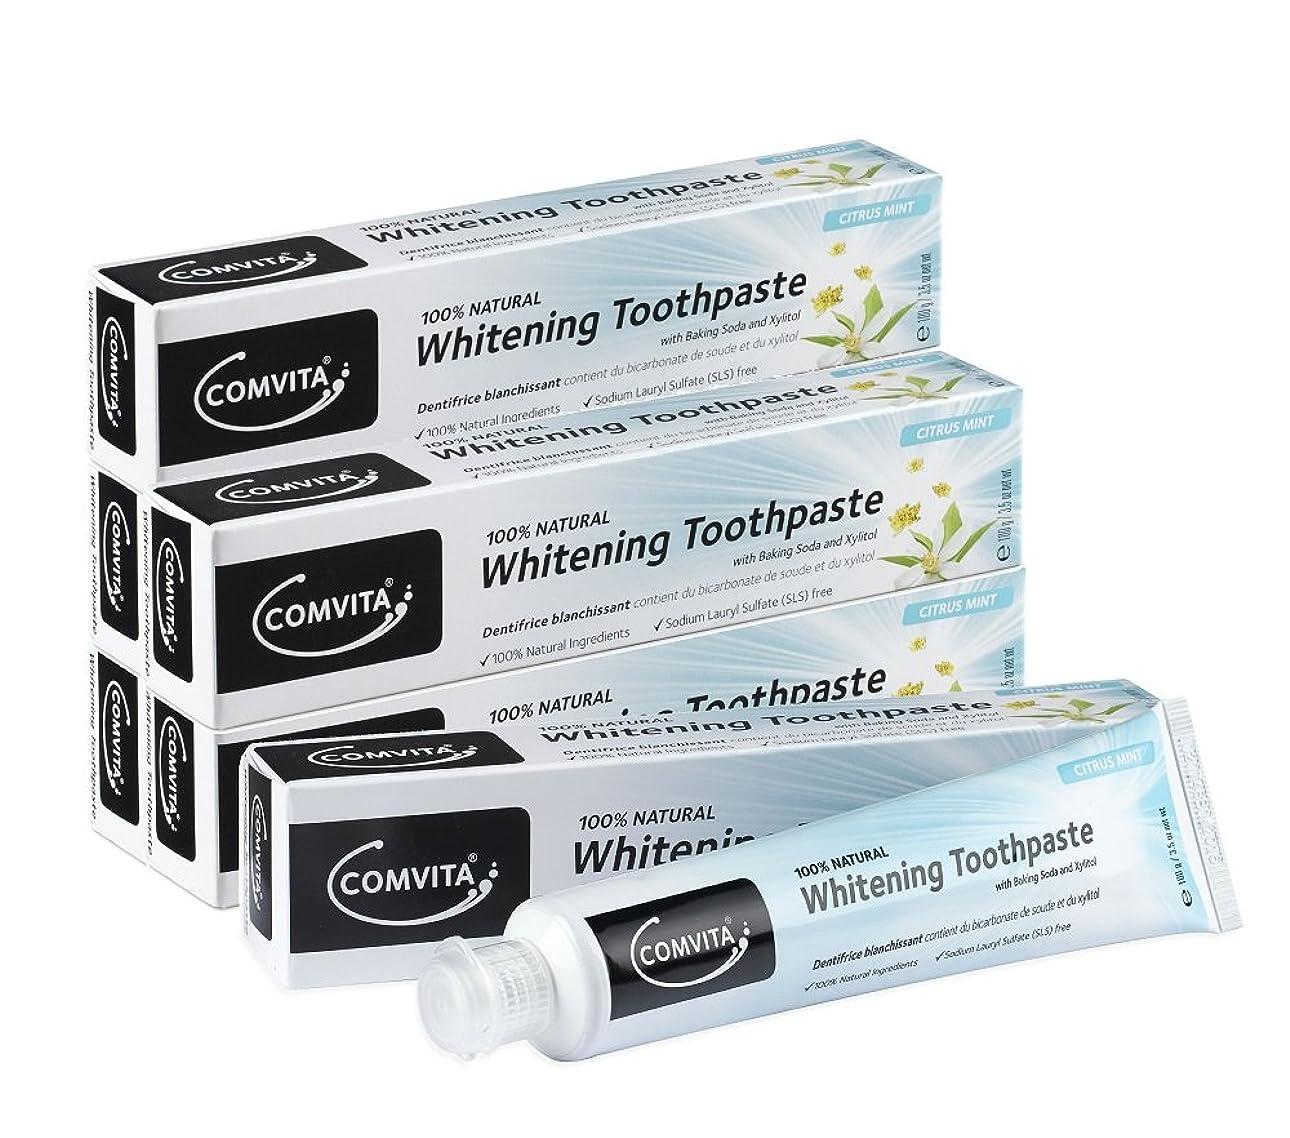 バンクジョージハンブリー飾るホワイトニング歯磨き コンビタ 100g お得な6本セット whitening toothpaste